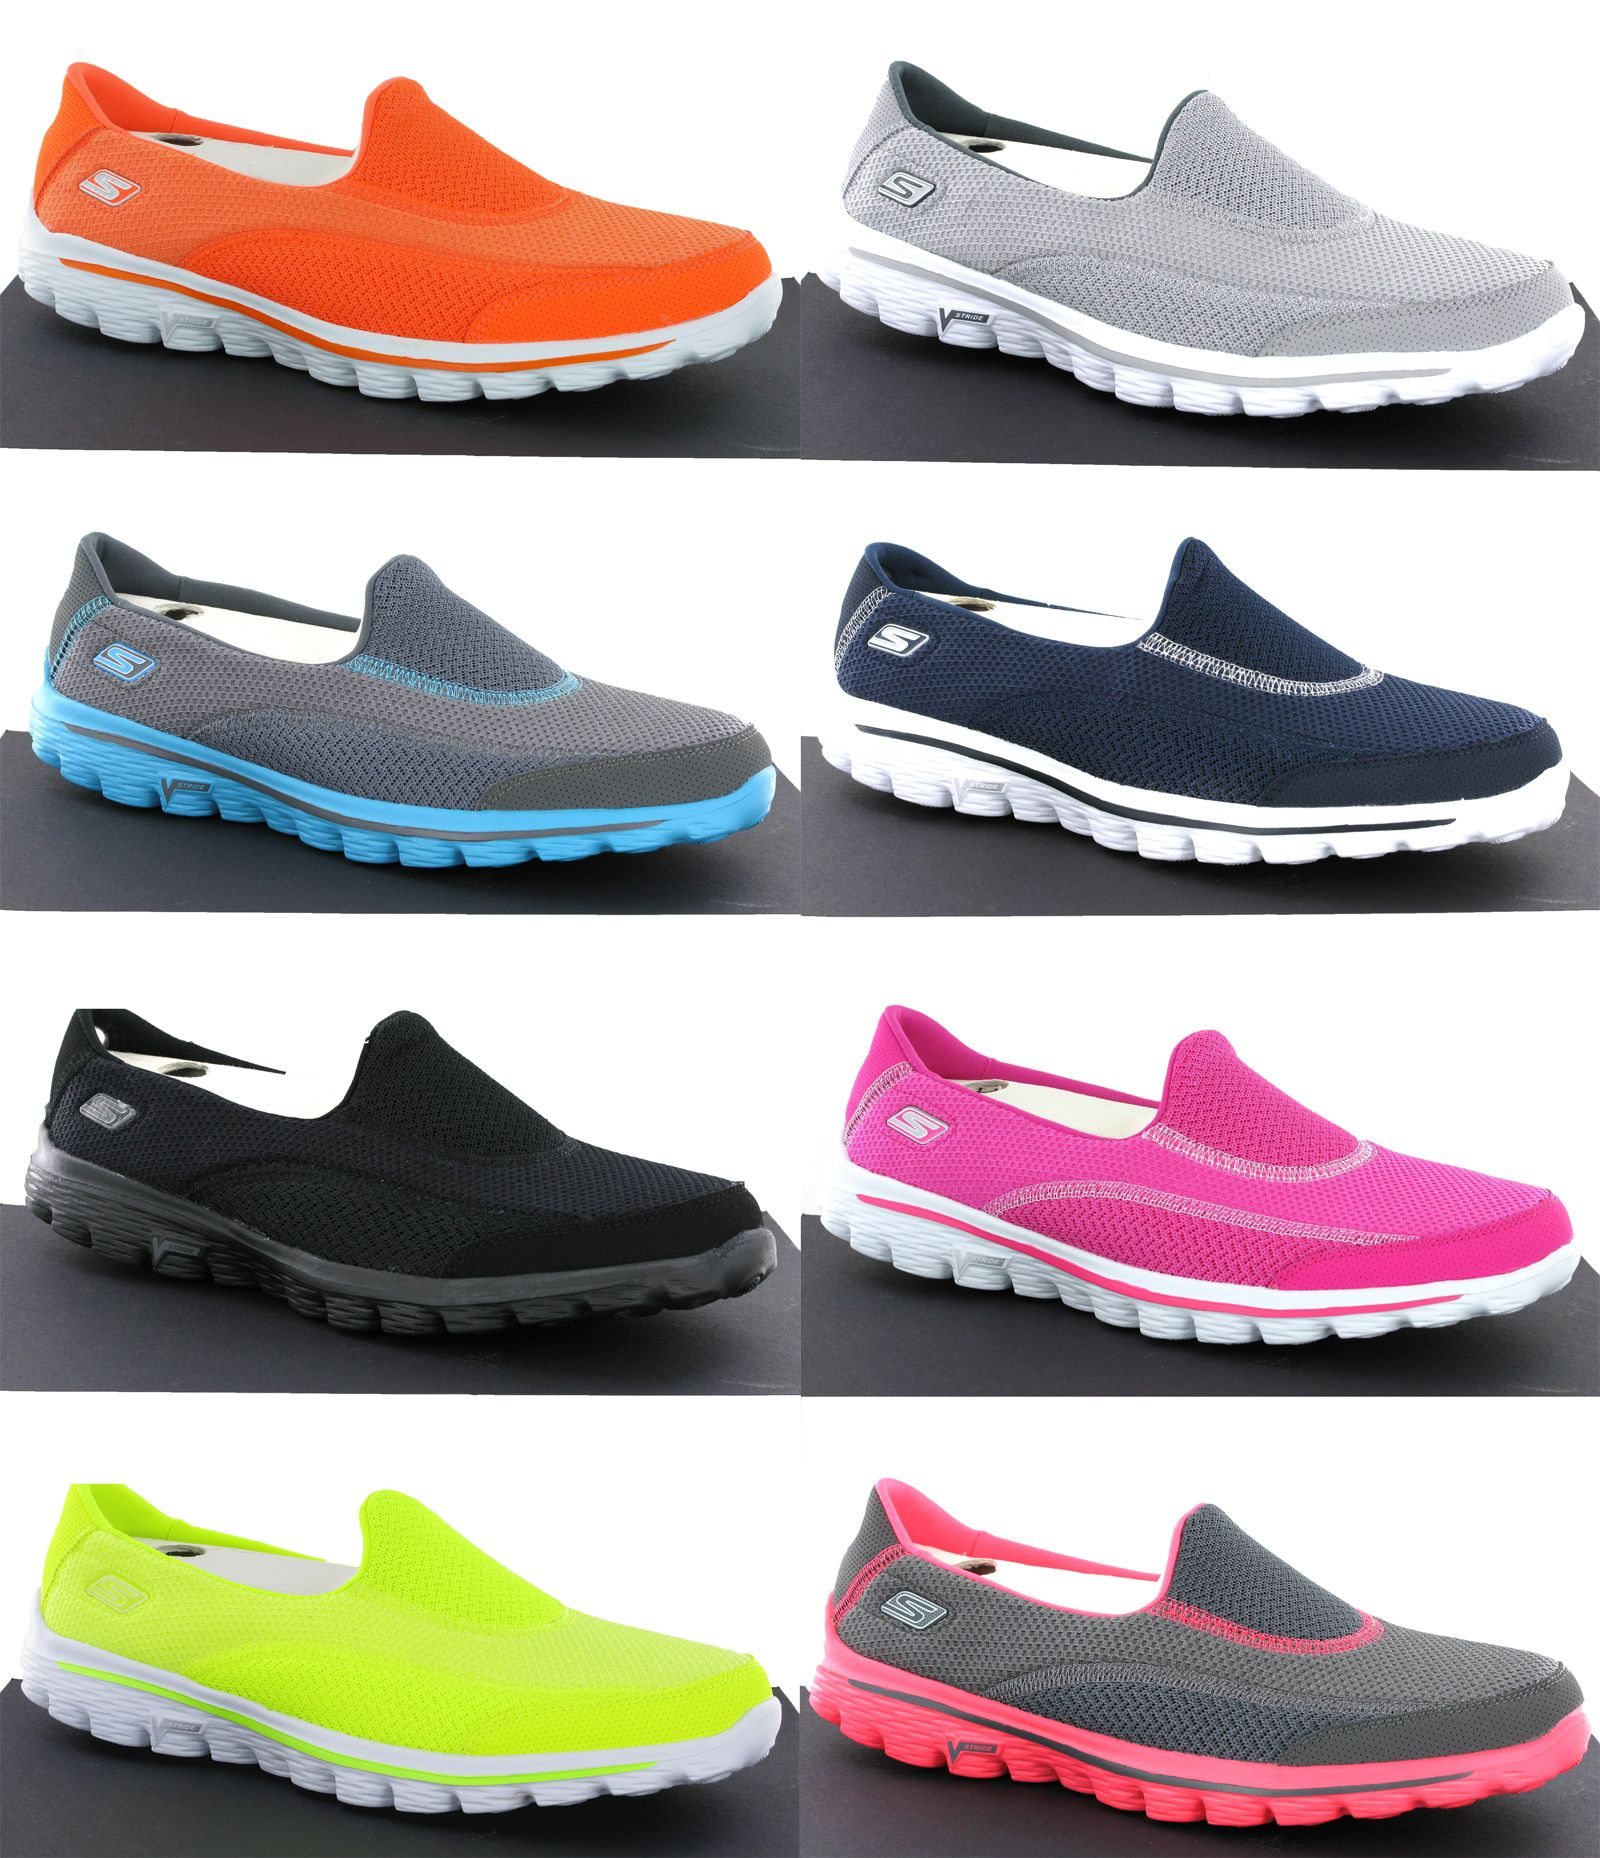 skechers go walk shoes skechers go walk 2 - walking shoes ZWJSVBY